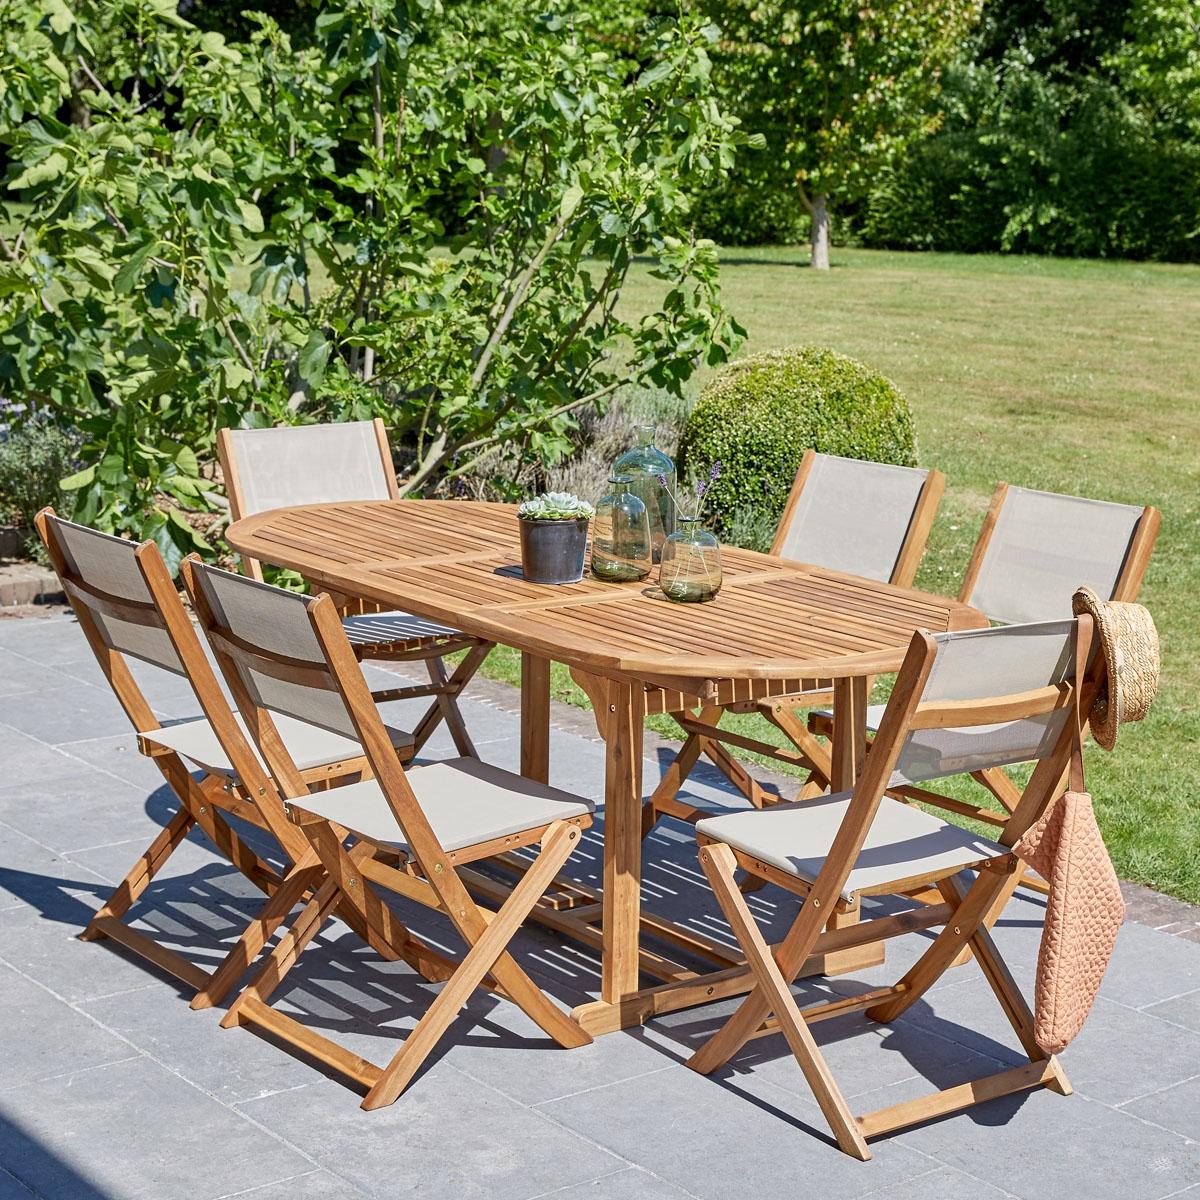 Emejing salon de jardin acacia ideas awesome interior - Chaise de jardin leclerc ...